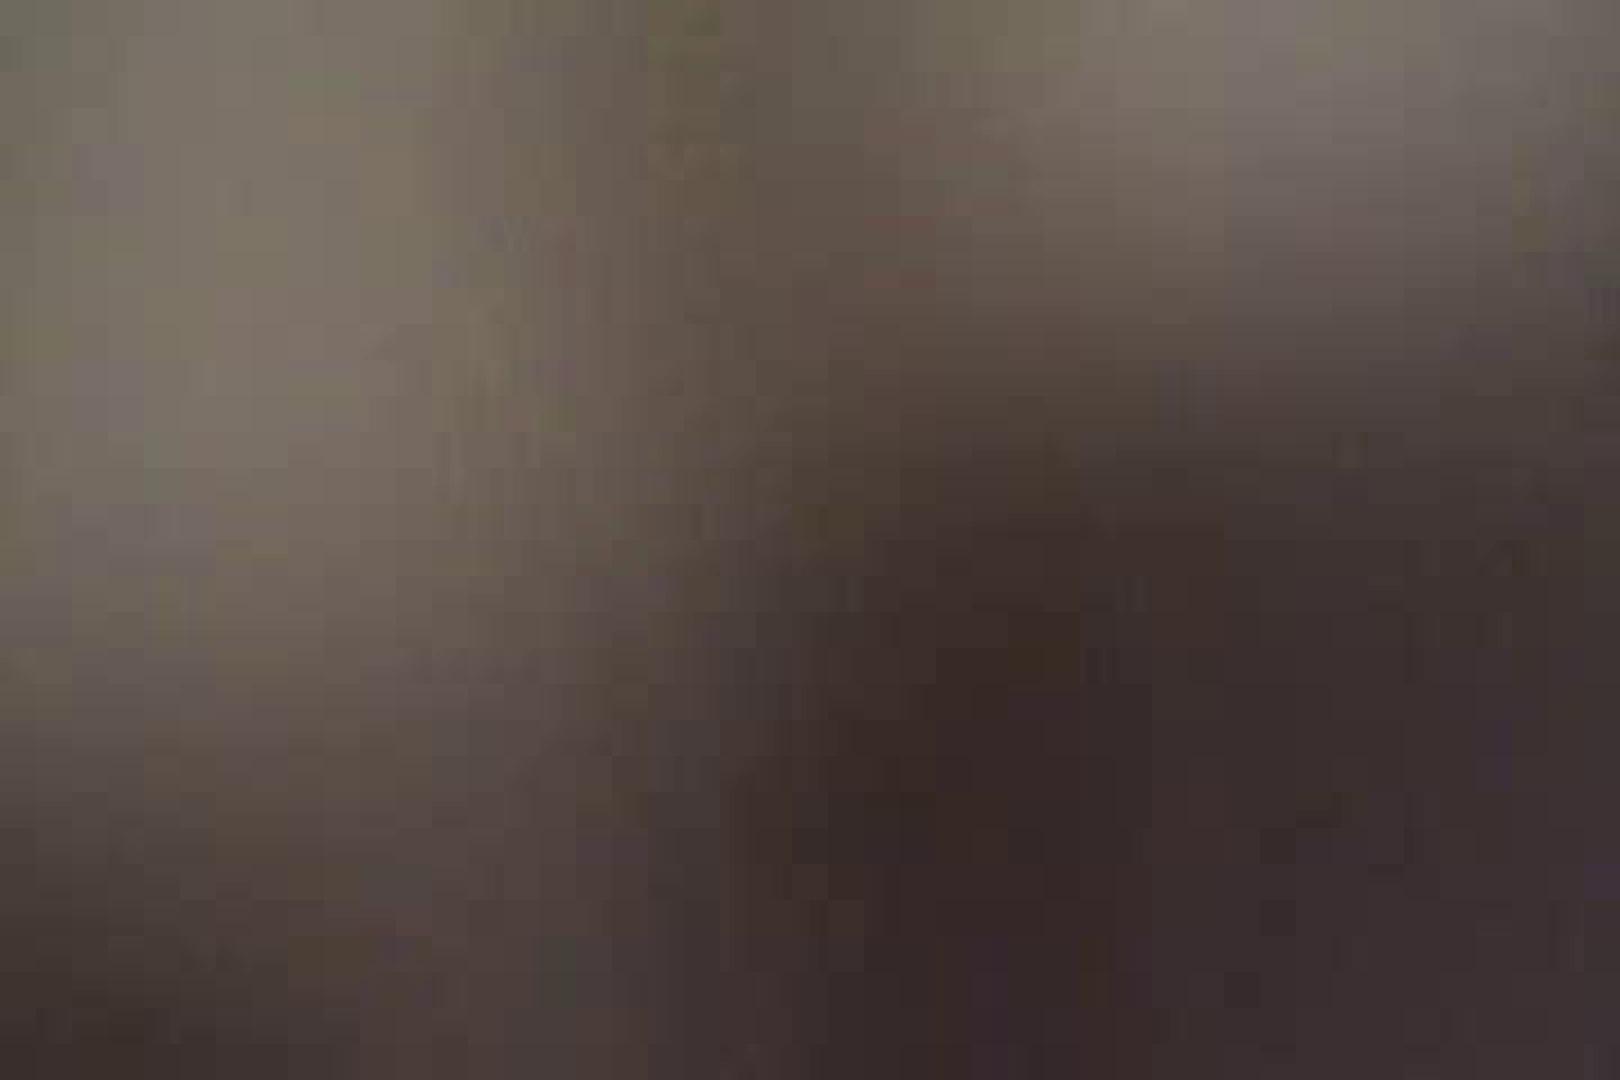 ガチ投稿!素人さんのセンズリ&射精vol4 オナニー | 素人ゲイ アダルトビデオ画像キャプチャ 46pic 37